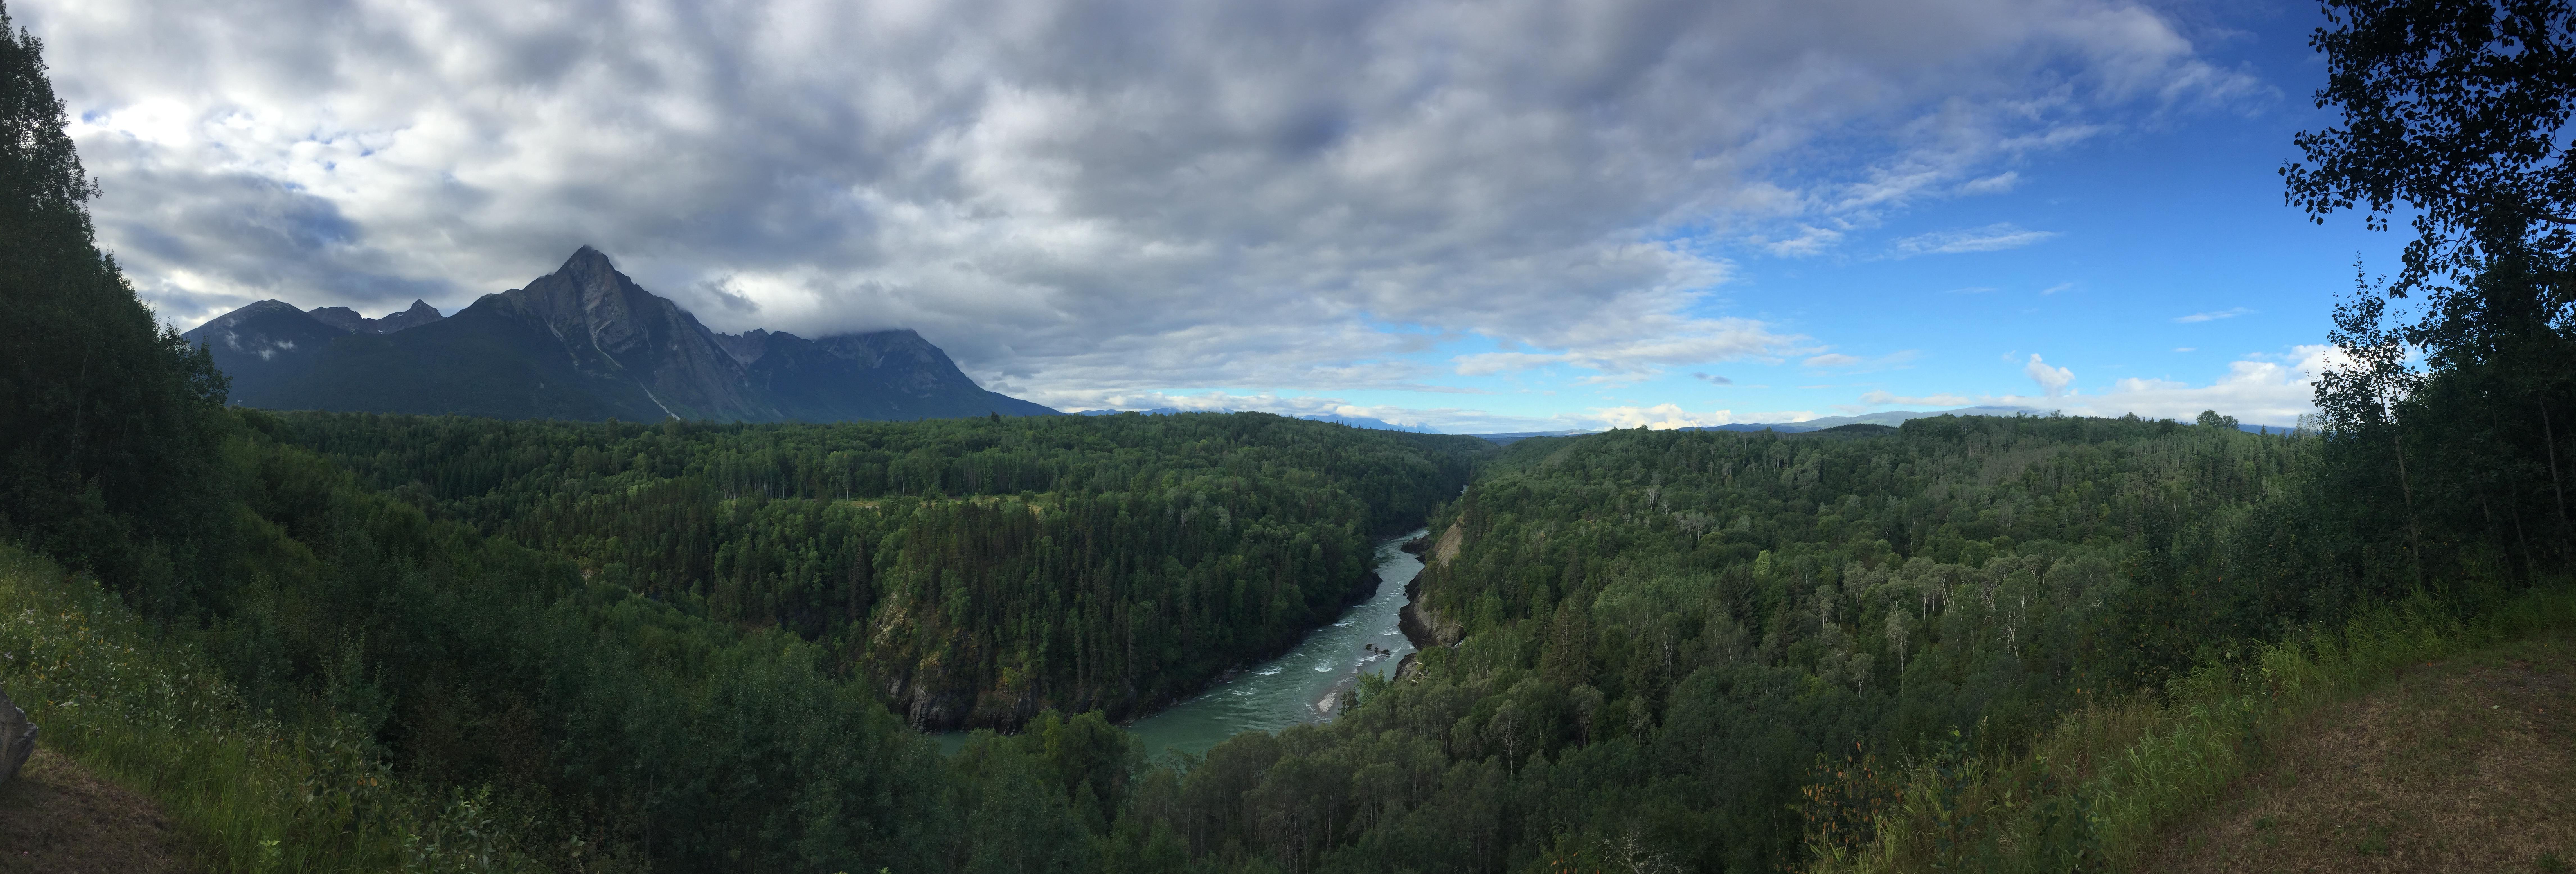 Stekyoden Mountain, aka Roche de Boule, Hazelton BC